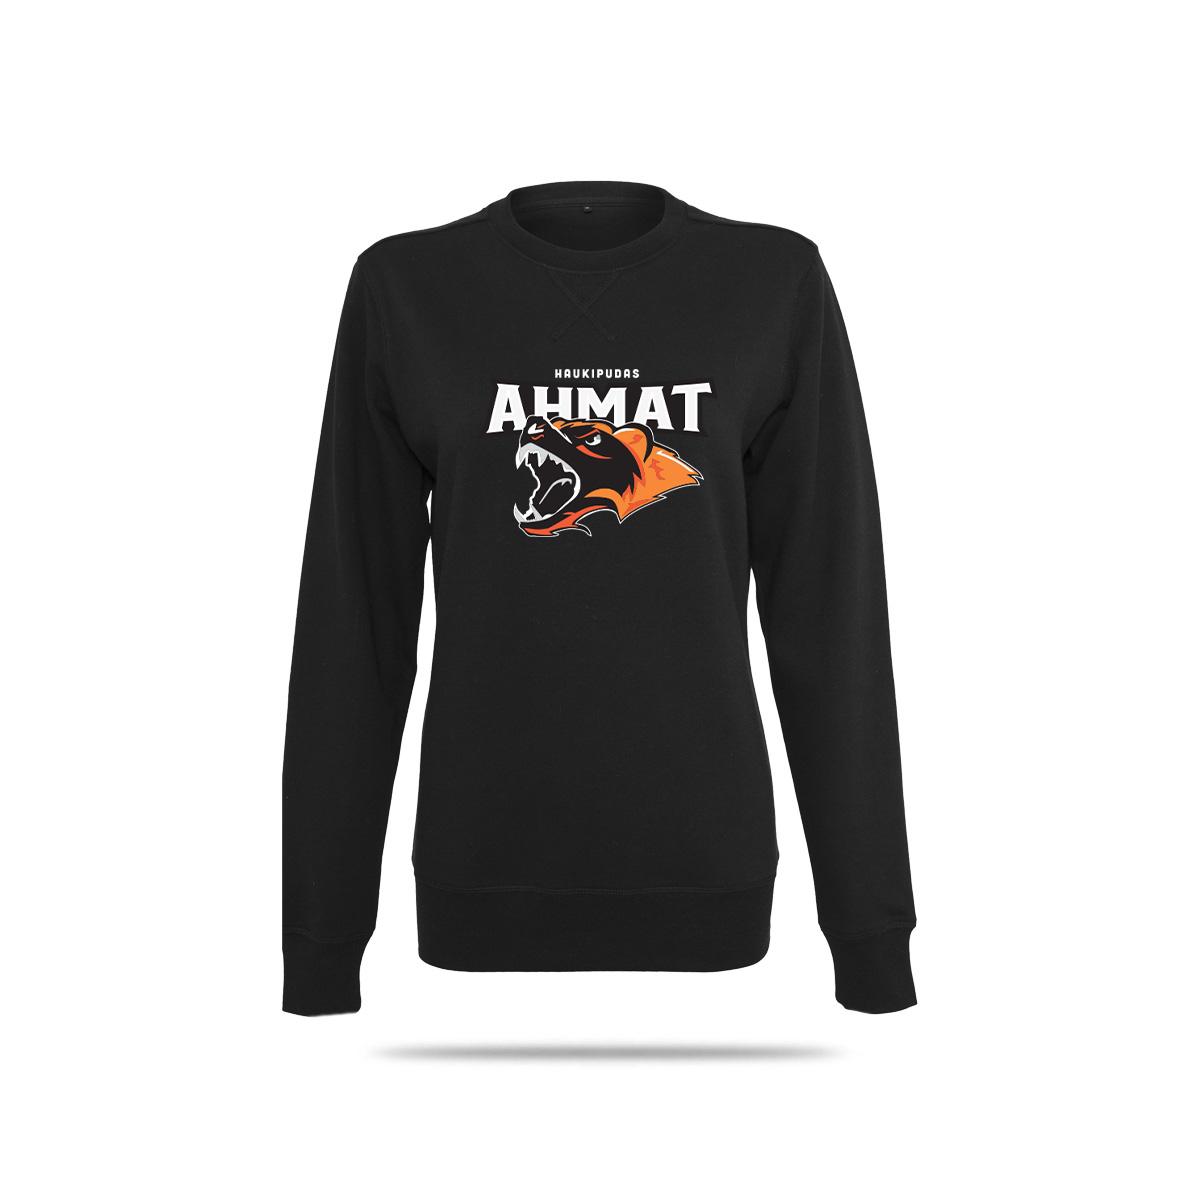 Ahmat-fani-6005-N-musta-original